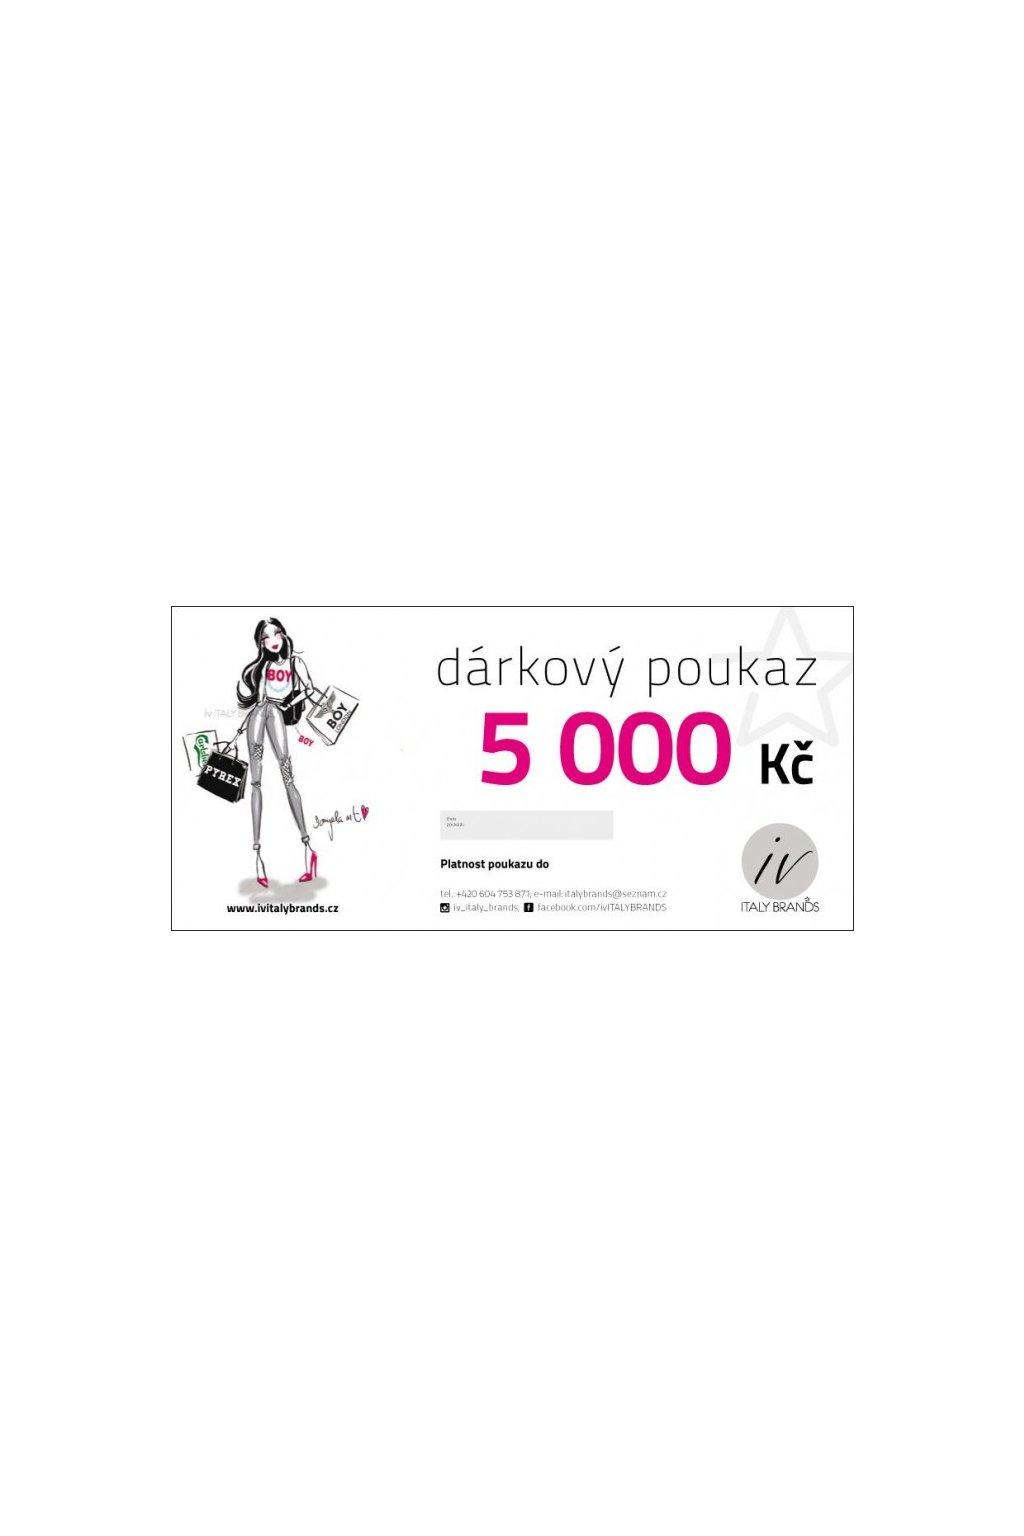 DÁRKOVÝ POUKAZ V HODNOTĚ 5000 Kč - Cena 5000, (Velikost Kč)